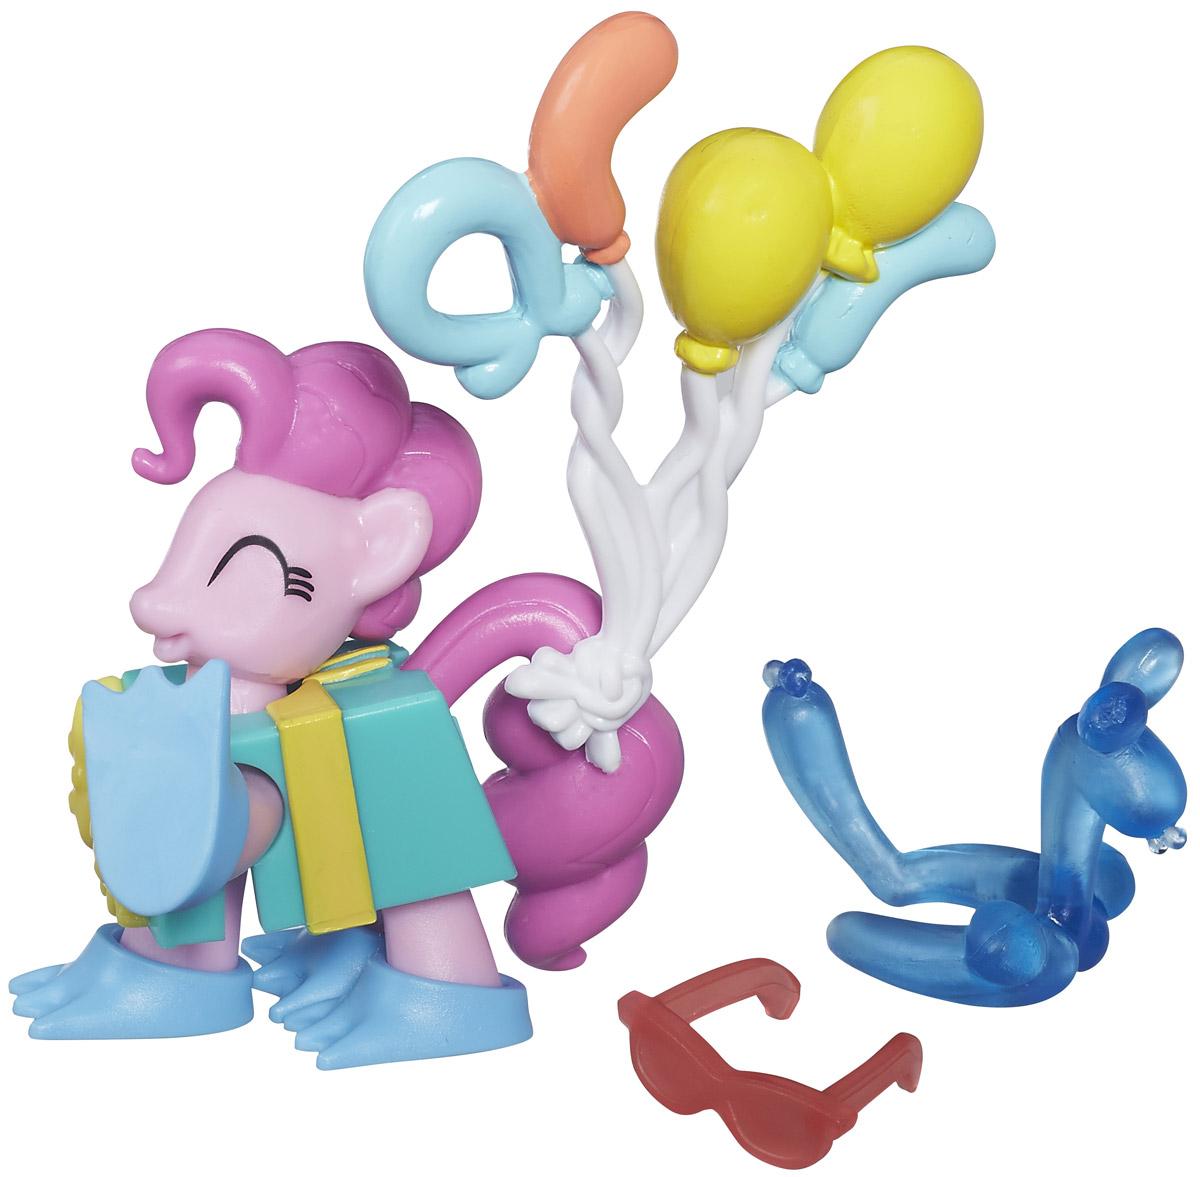 My Little Pony Набор фигурок Pinkie PieB3596EU4_B5389Набор фигурок My Little Pony Pinkie Pie включает в себя фигурку пони Pinkie Pie , одетую в подарочную коробку, связку шариков, очки и сделанную из шариков зверушку. Используя этот набор, можно представлять, как пони Pinkie Pie веселится на празднике или вечеринке. Сделайте вашей малышке такой замечательный подарок!